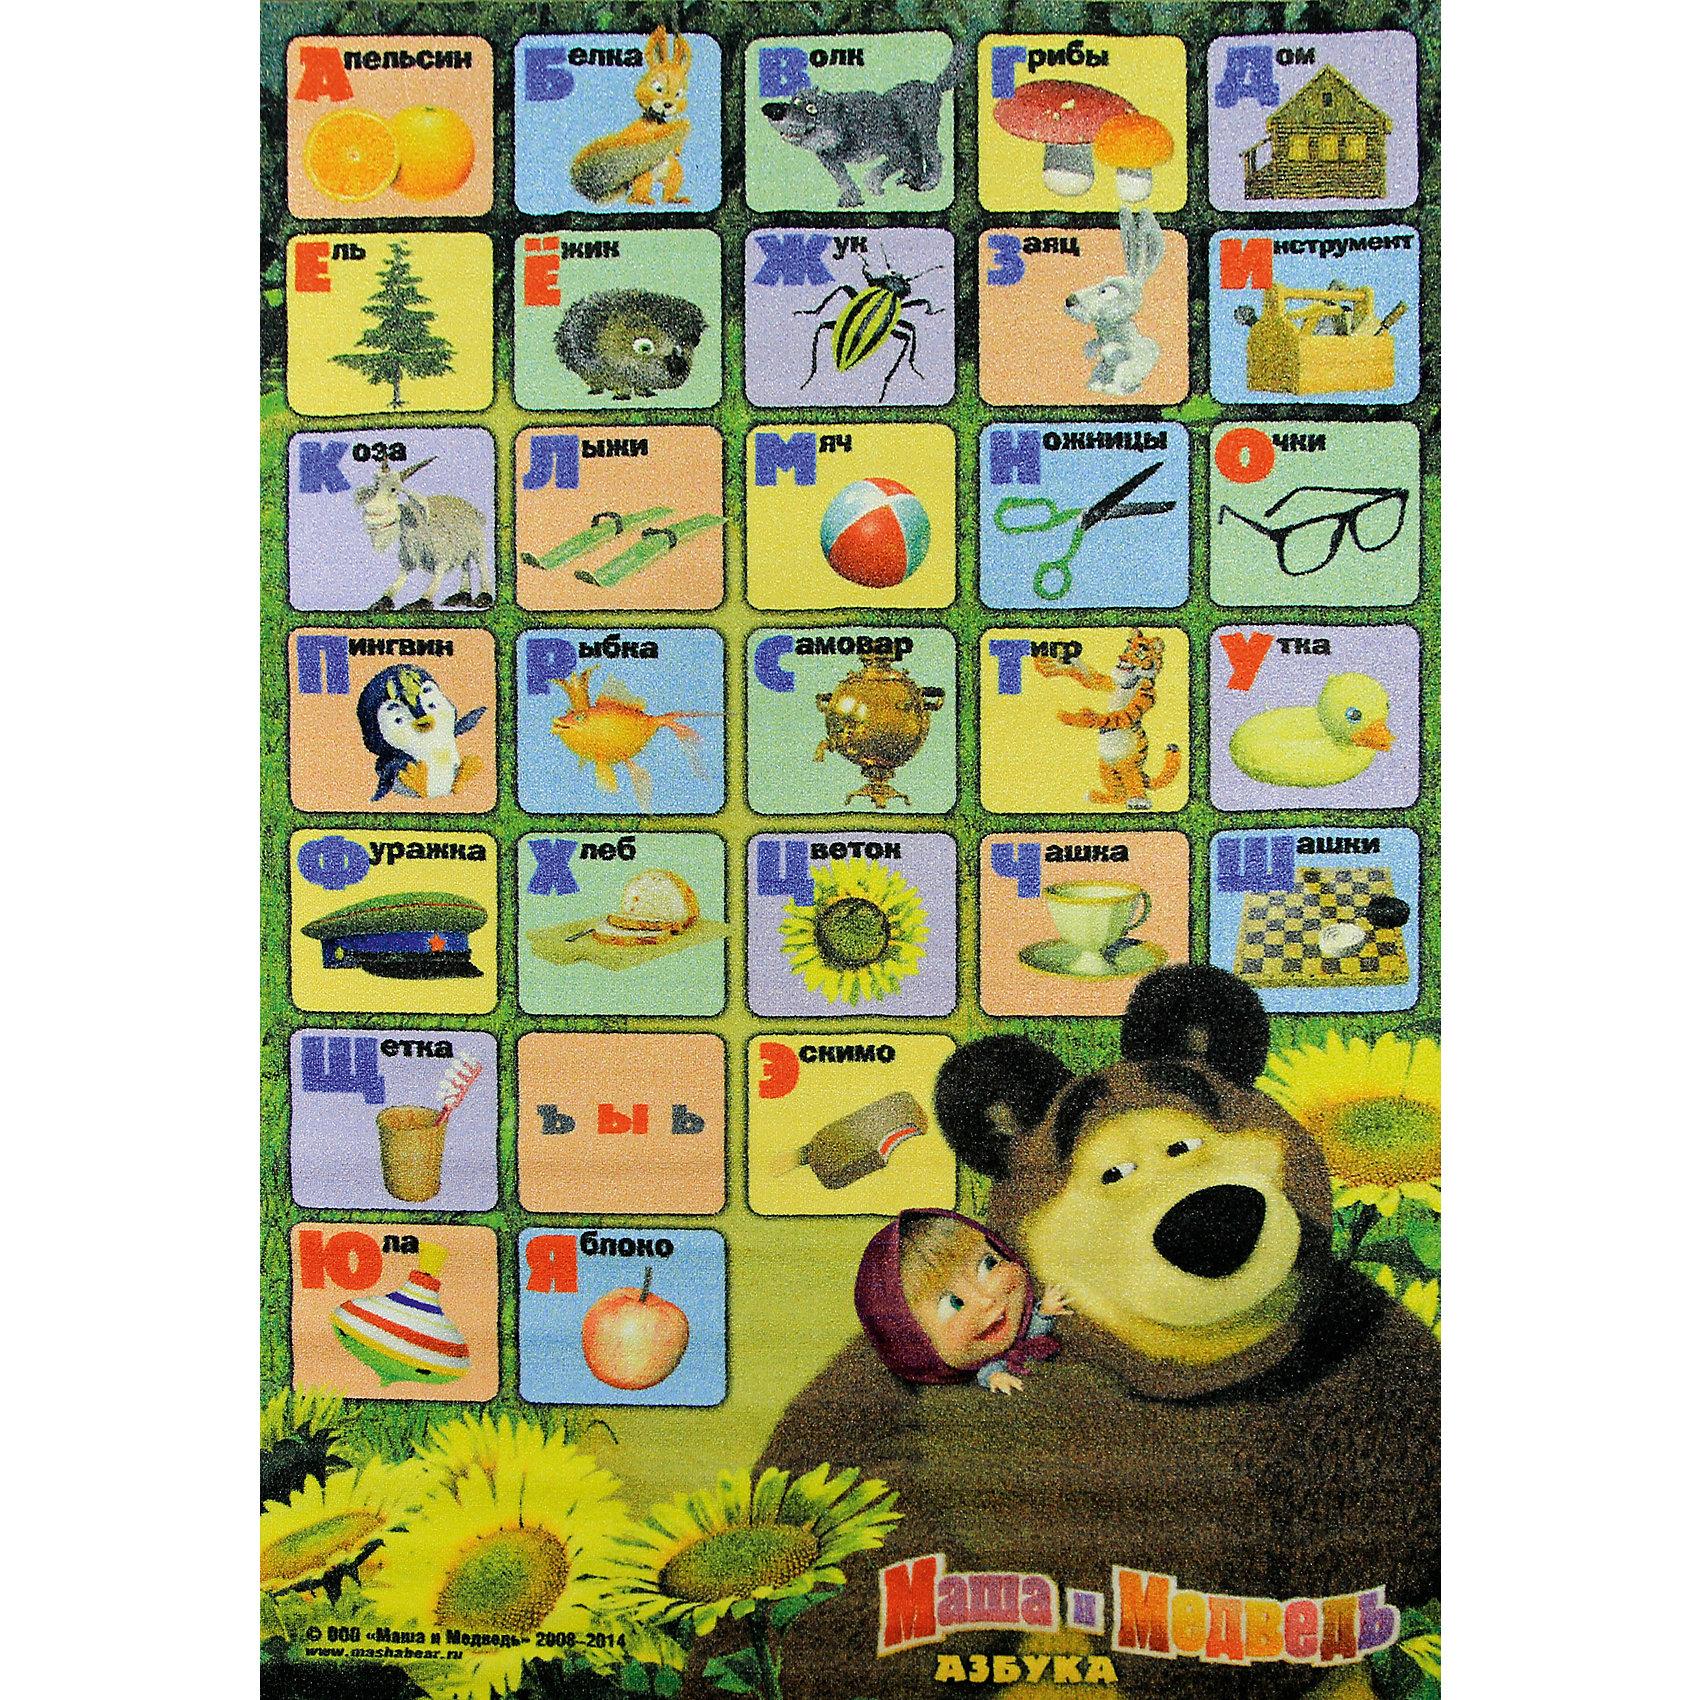 Ковер Азбука 133*195 см, Маша и МедведьКовры<br>Ковер Азбука 133*195 см, Маша и Медведь – яркий развивающий ковер, за которым легко ухаживать сделает уютной комнату вашего ребенка.<br>Красочный ковер «Азбука» с героями мультсериала «Маша и Медведь» не только украсит комнату вашего ребенка, но и в игровой форме познакомит его с буквами русского алфавита. Вместе с любимыми героями ваш малыш выучит буквы, прочитает слова, начинающиеся с этих букв, и рассмотрит картинки изображающие слова на эти буквы. Качественный яркий рисунок детского ковра не выгорает, устойчив к истиранию. Ковер очень практичный, изготовлен из безопасных и высококачественных синтетических материалов. Пыль и грязь не забивается глубоко внутрь ворса, что существенно облегчает уход за изделием, а латексная основа не скользит по полу. По краям ковер аккуратно обшит. Небольшой вес позволит без труда перемещать ковер в разные места комнаты и легко производить уборку под ковром.<br><br>Дополнительная информация:<br><br>- Размер: 133х195 см.<br>- Высота ворса: 5 мм.<br>- Вес ковра: 1,3 кг/м2<br>- Плотность ворса: 290000 точек на м?<br>- Состав ворса: 100% полиамид<br>- Состав основы: гелиевая<br>- Цвет: разноцветный<br>- Вид производства: машинное<br><br>Ковер Азбука 133*195 см, Маша и Медведь можно купить в нашем интернет-магазине.<br><br>Ширина мм: 300<br>Глубина мм: 300<br>Высота мм: 1330<br>Вес г: 3112<br>Цвет: желтый<br>Возраст от месяцев: 36<br>Возраст до месяцев: 120<br>Пол: Унисекс<br>Возраст: Детский<br>SKU: 4466027